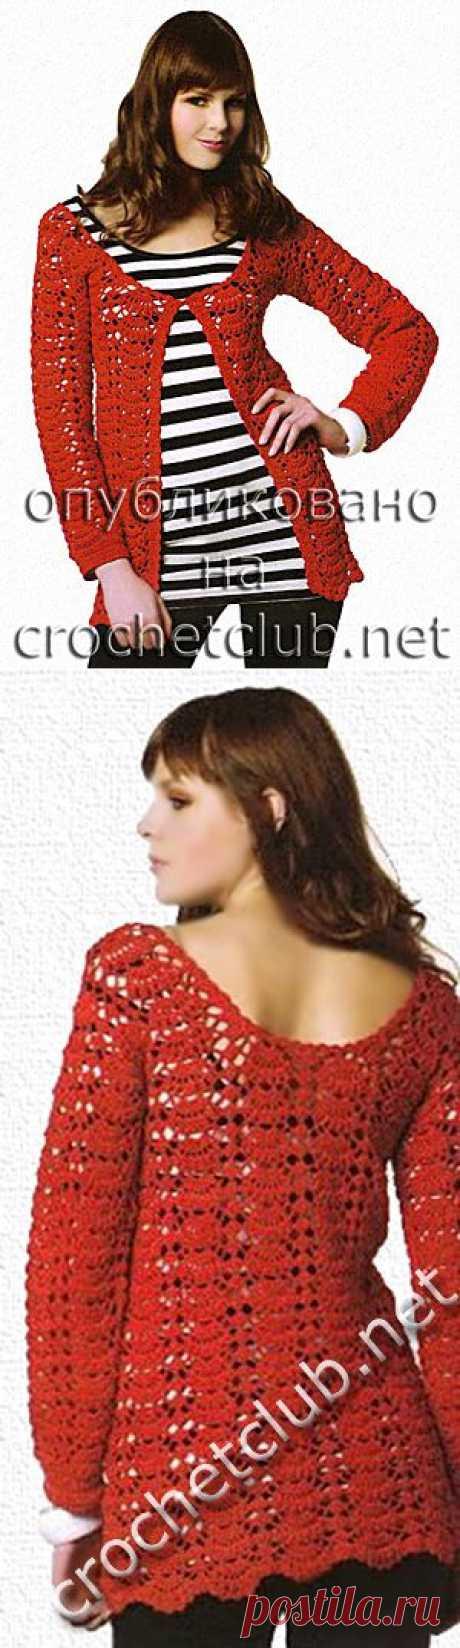 Красная кофточка, связанная крючком - Вязание Крючком. Блог Настика